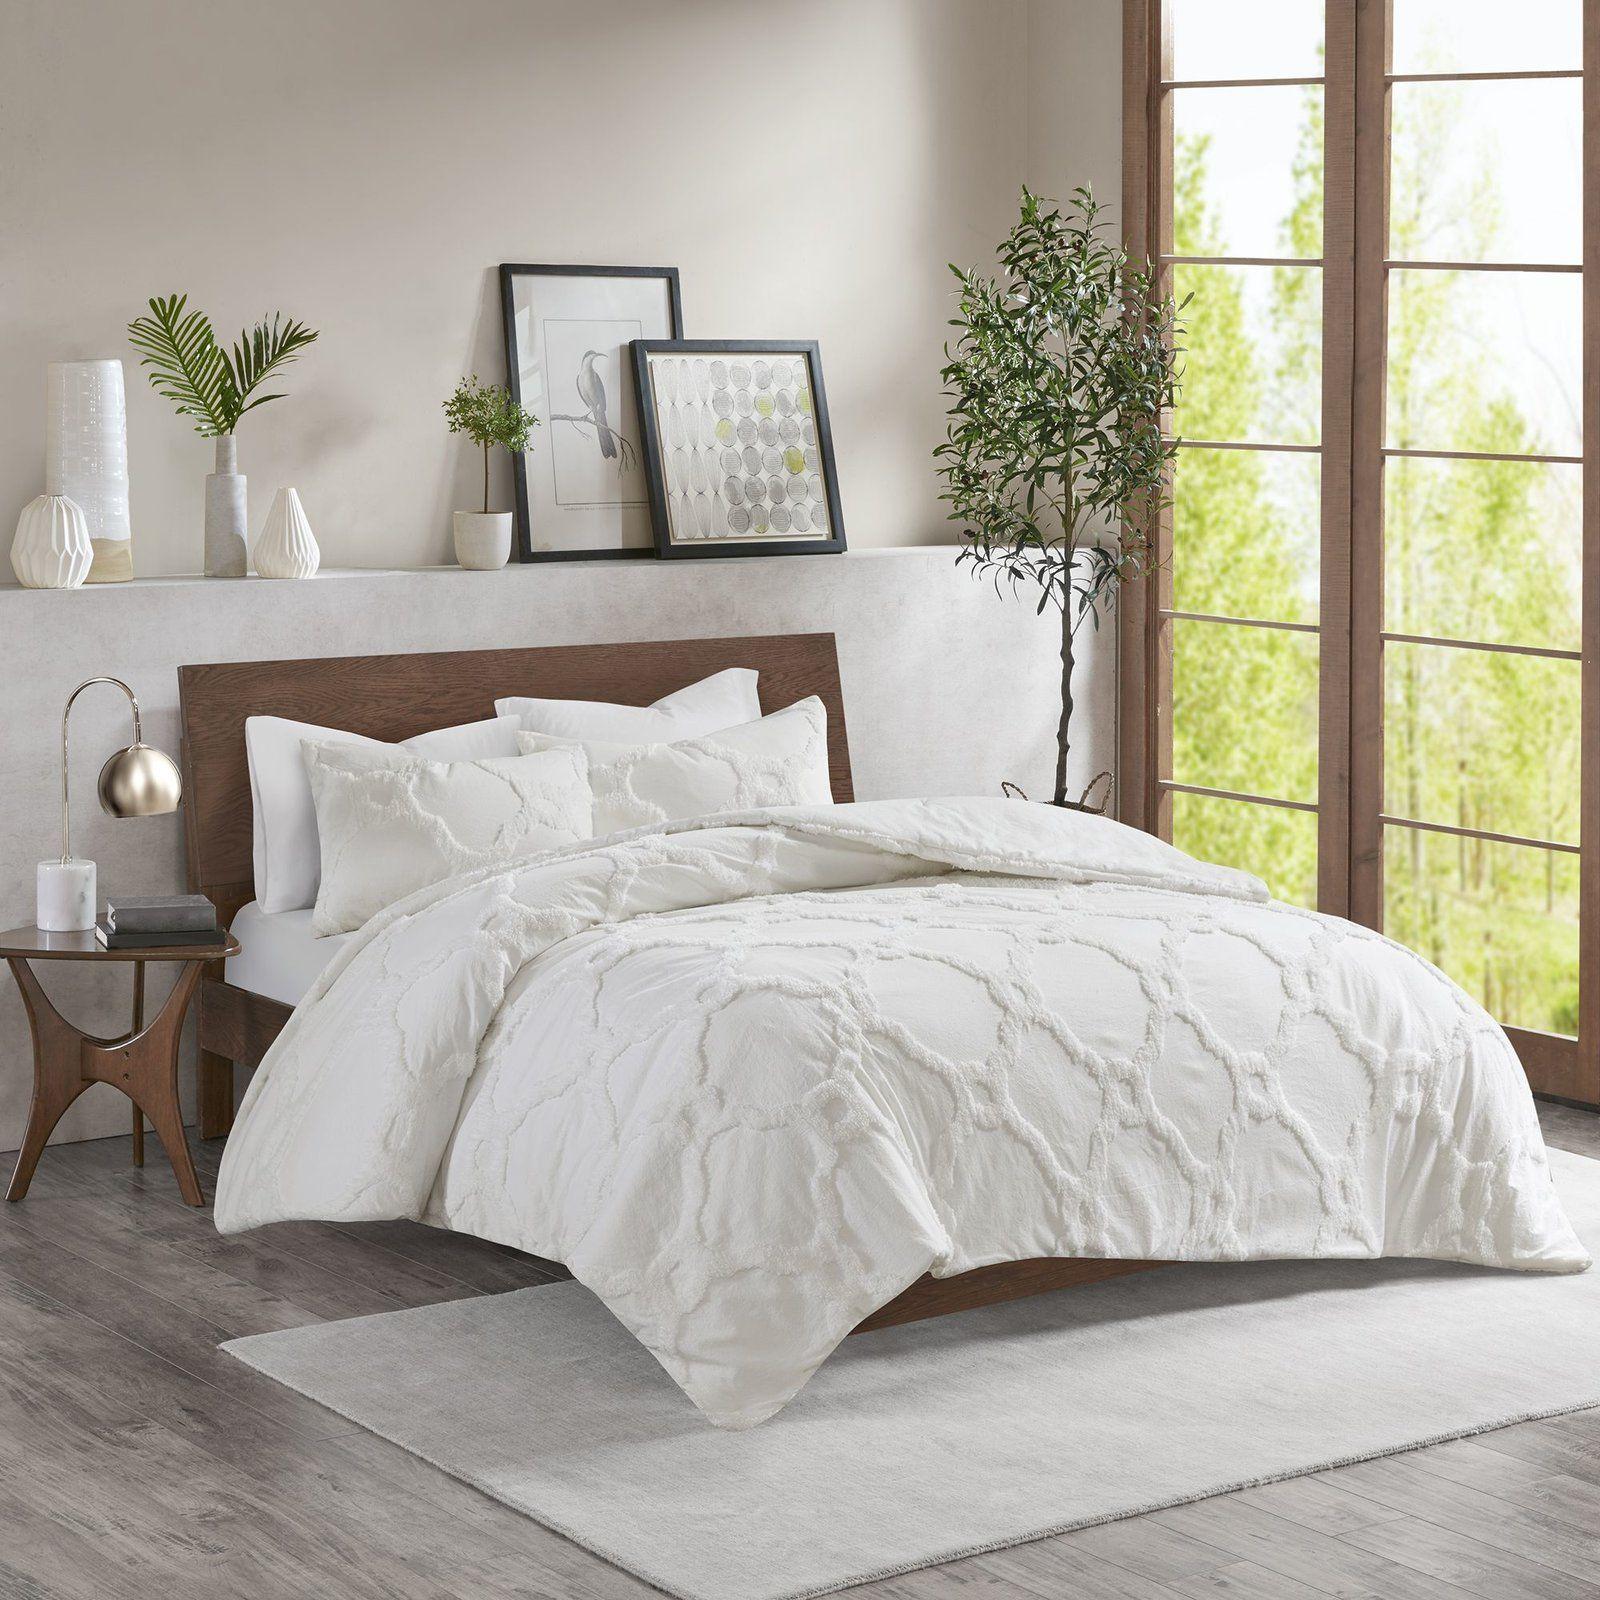 Mize Cotton Chenille Duvet Cover Set Comforter Sets Duvet Cover